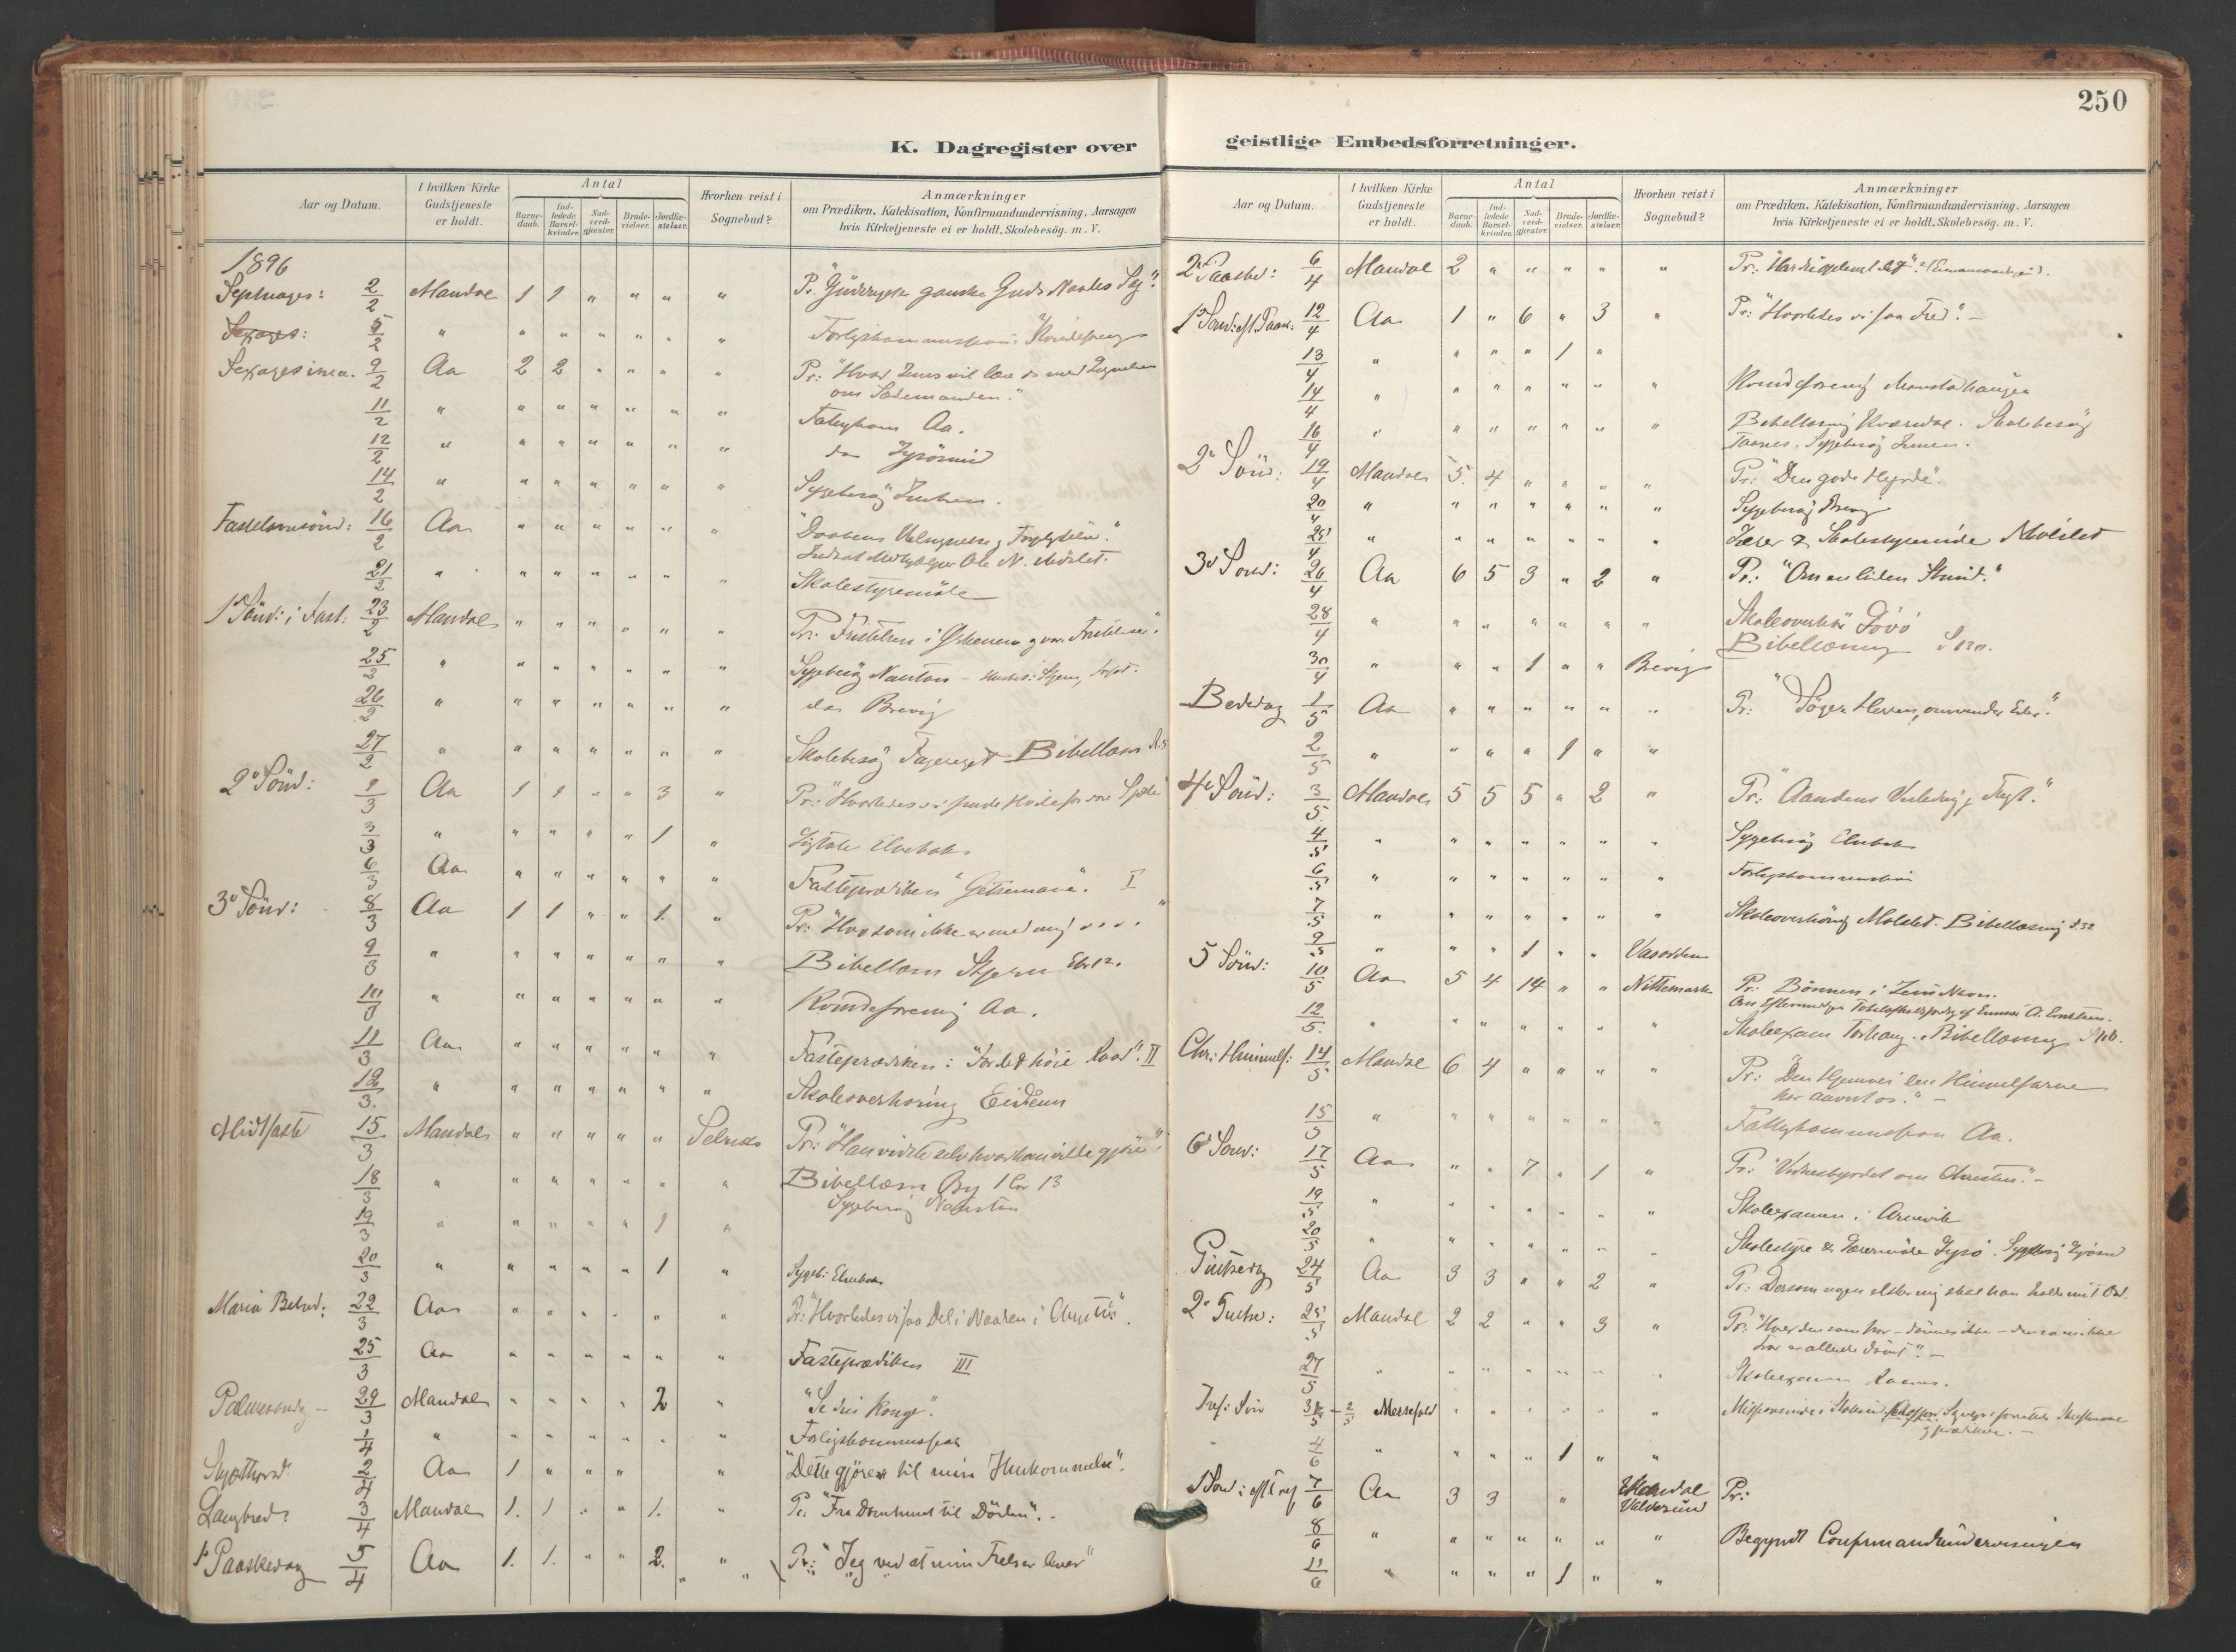 SAT, Ministerialprotokoller, klokkerbøker og fødselsregistre - Sør-Trøndelag, 655/L0681: Ministerialbok nr. 655A10, 1895-1907, s. 250